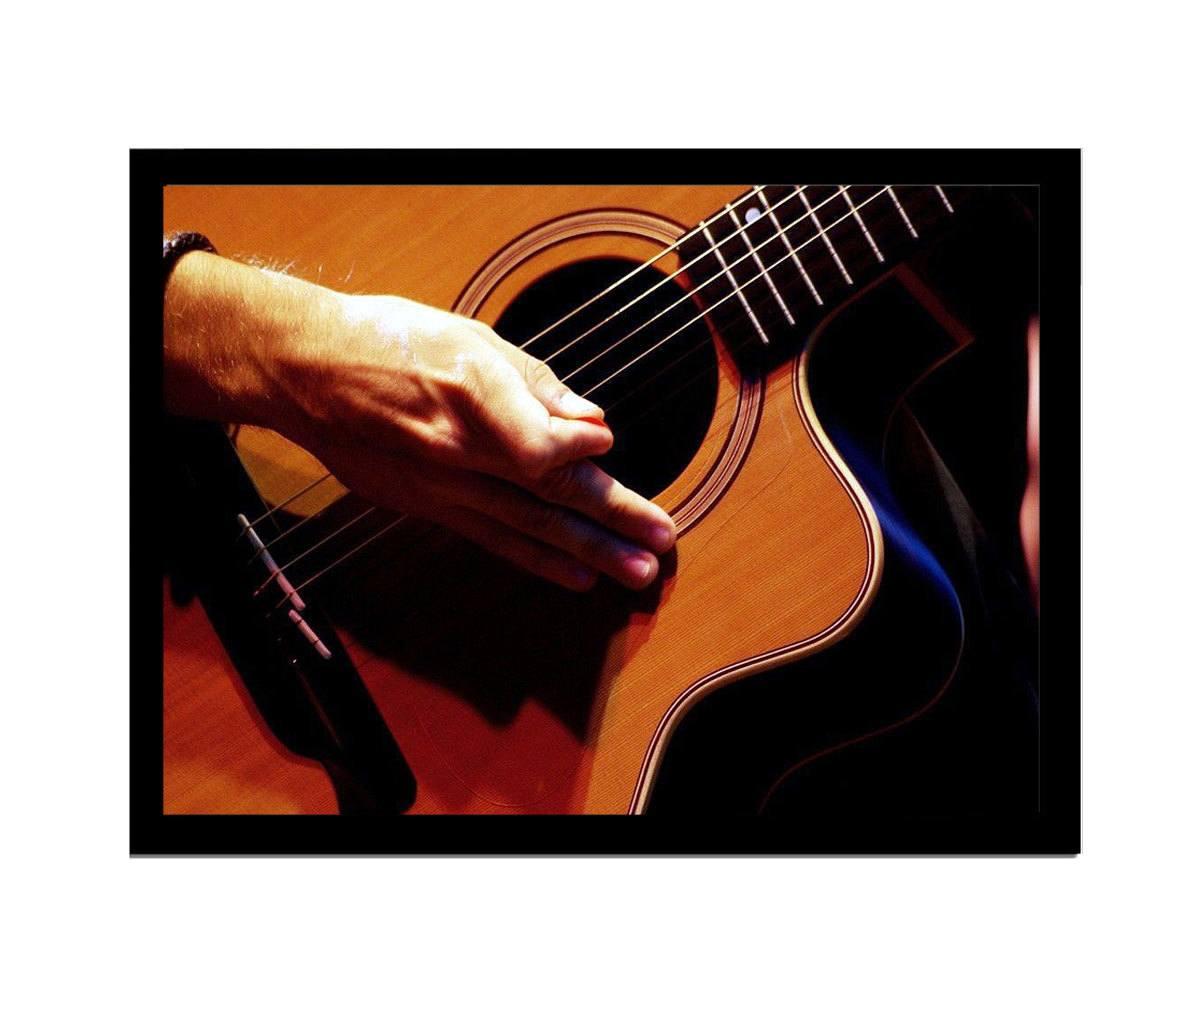 Quadro MDF violão 33x25cm Moldura Preto